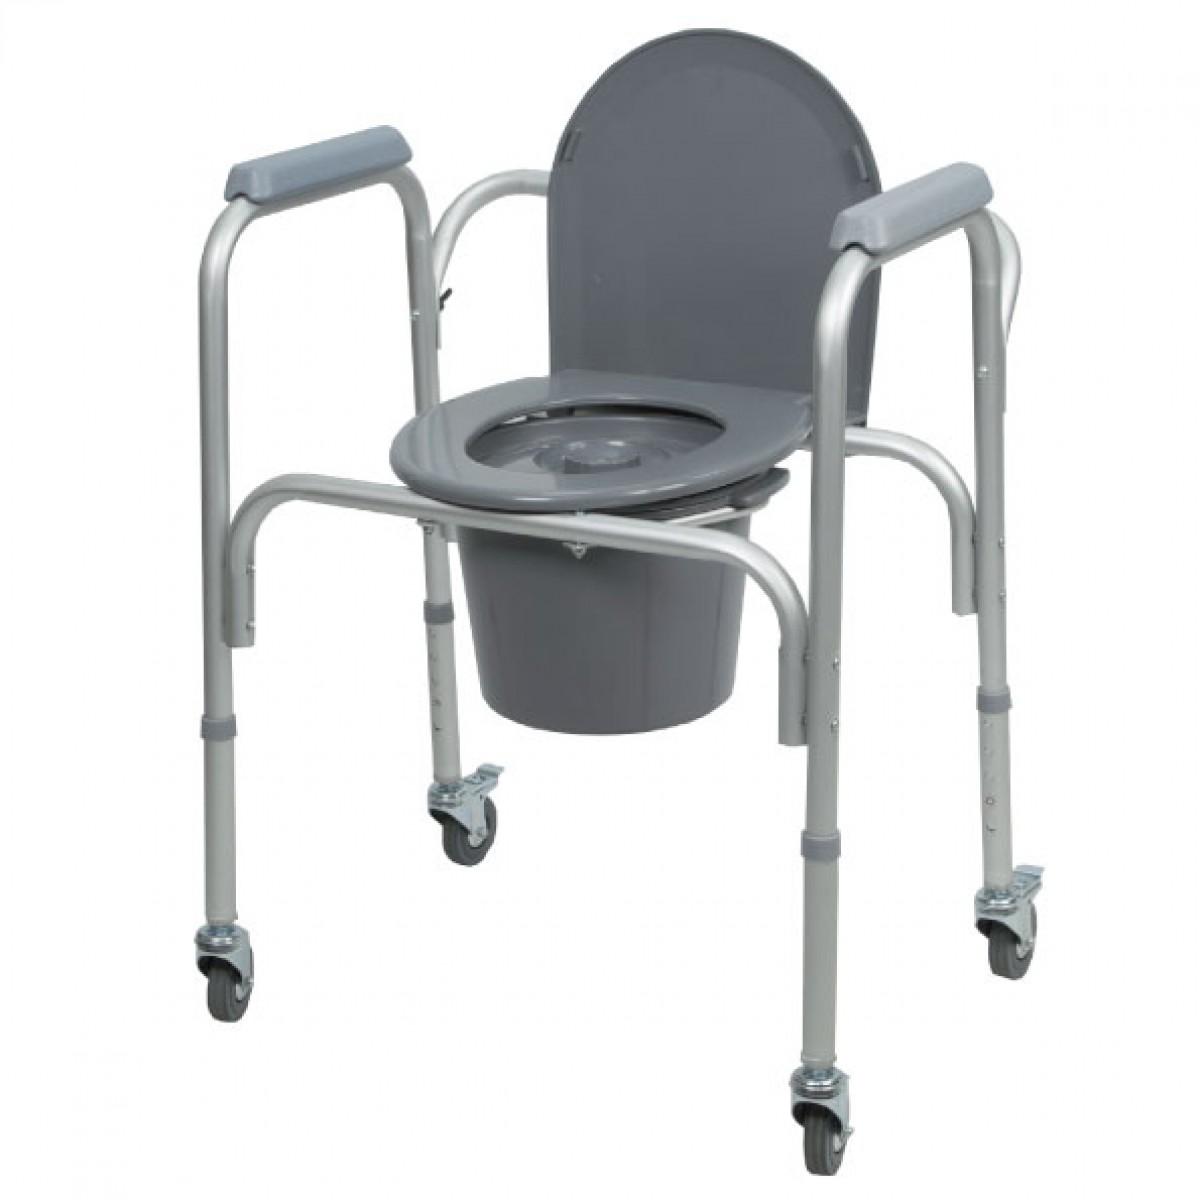 Comoda con ruote regolabile in altezza ausili per bagno - Rialzo per bagno ...